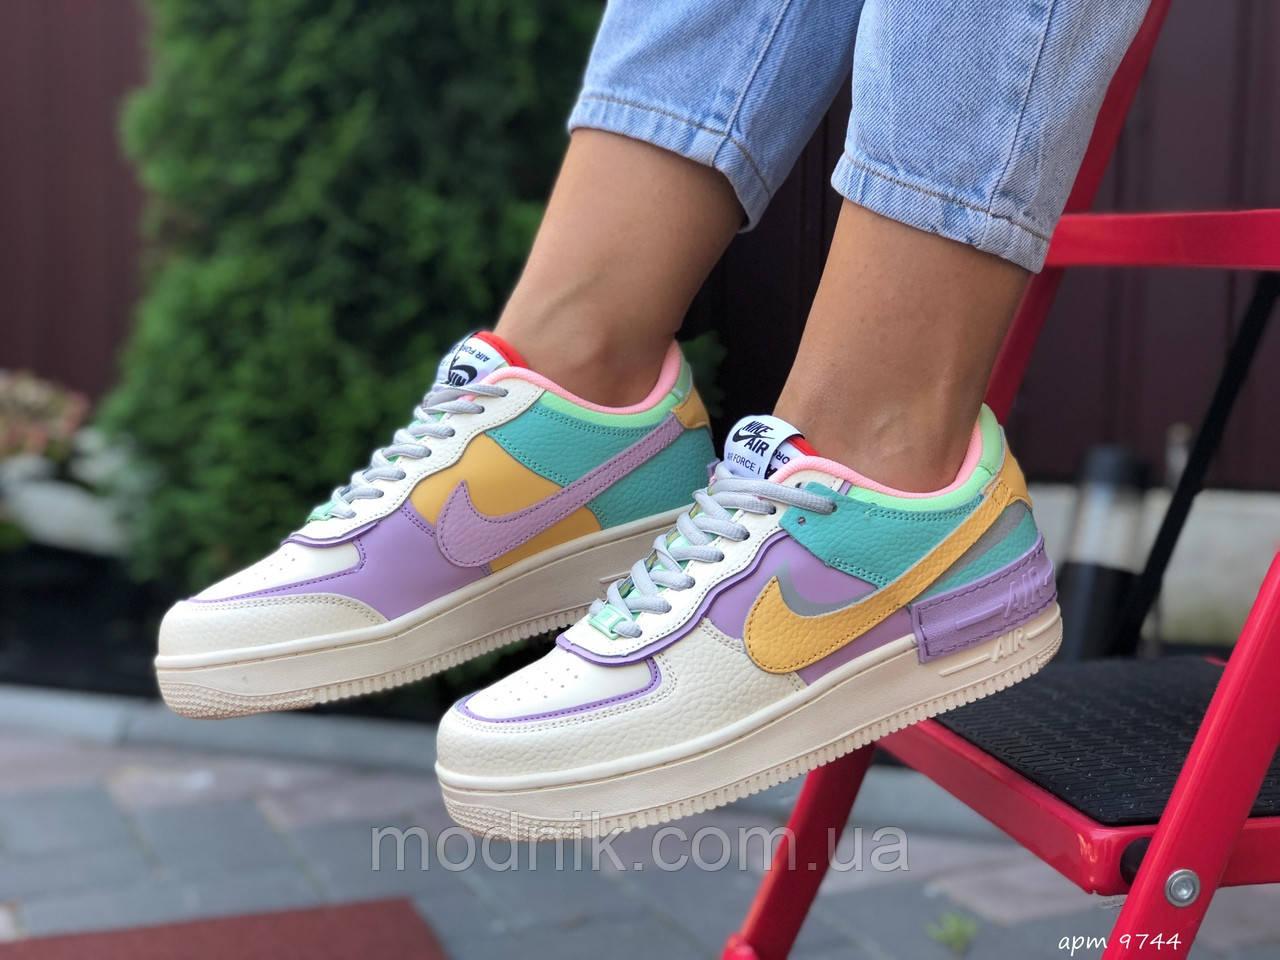 Женские кроссовки Nike Air Force 1 Shadow (бежево-фиолетовые) 9744